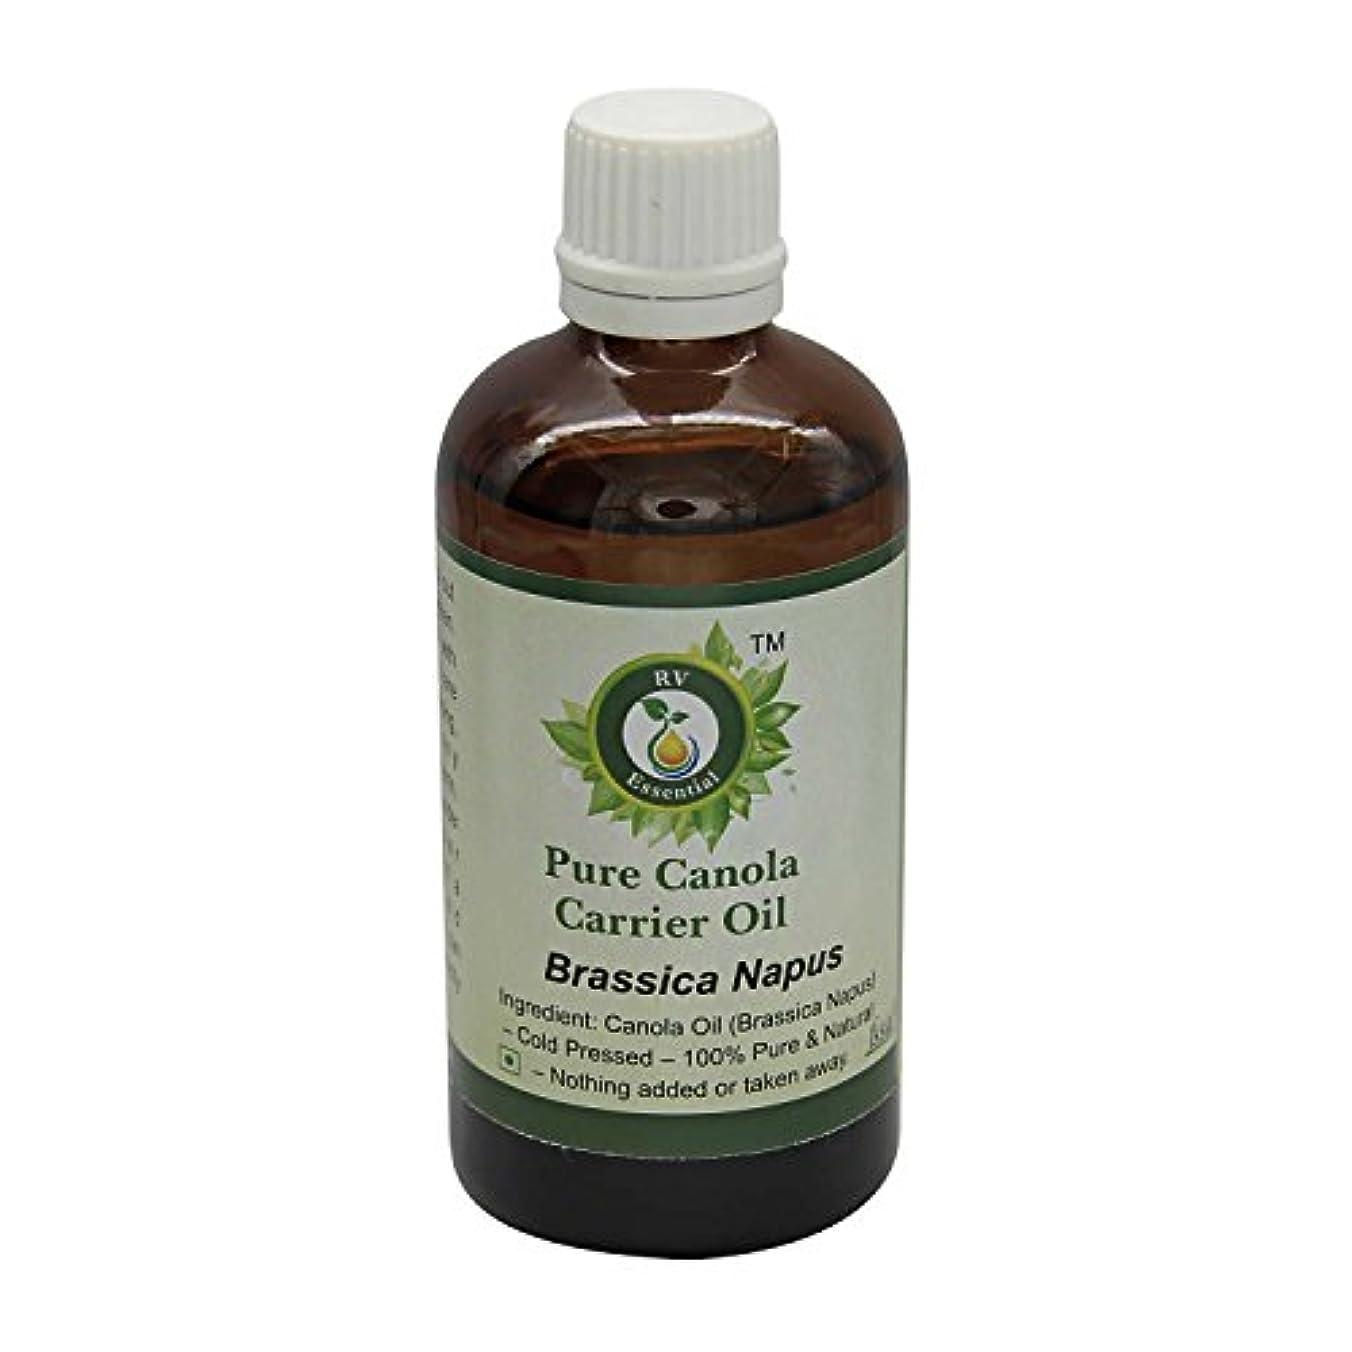 反響する不利パークR V Essential 純粋なキャノーラキャリアオイル10ml (0.338oz)- Brassica Napus (100%ピュア&ナチュラルコールドPressed) Pure Canola Carrier Oil